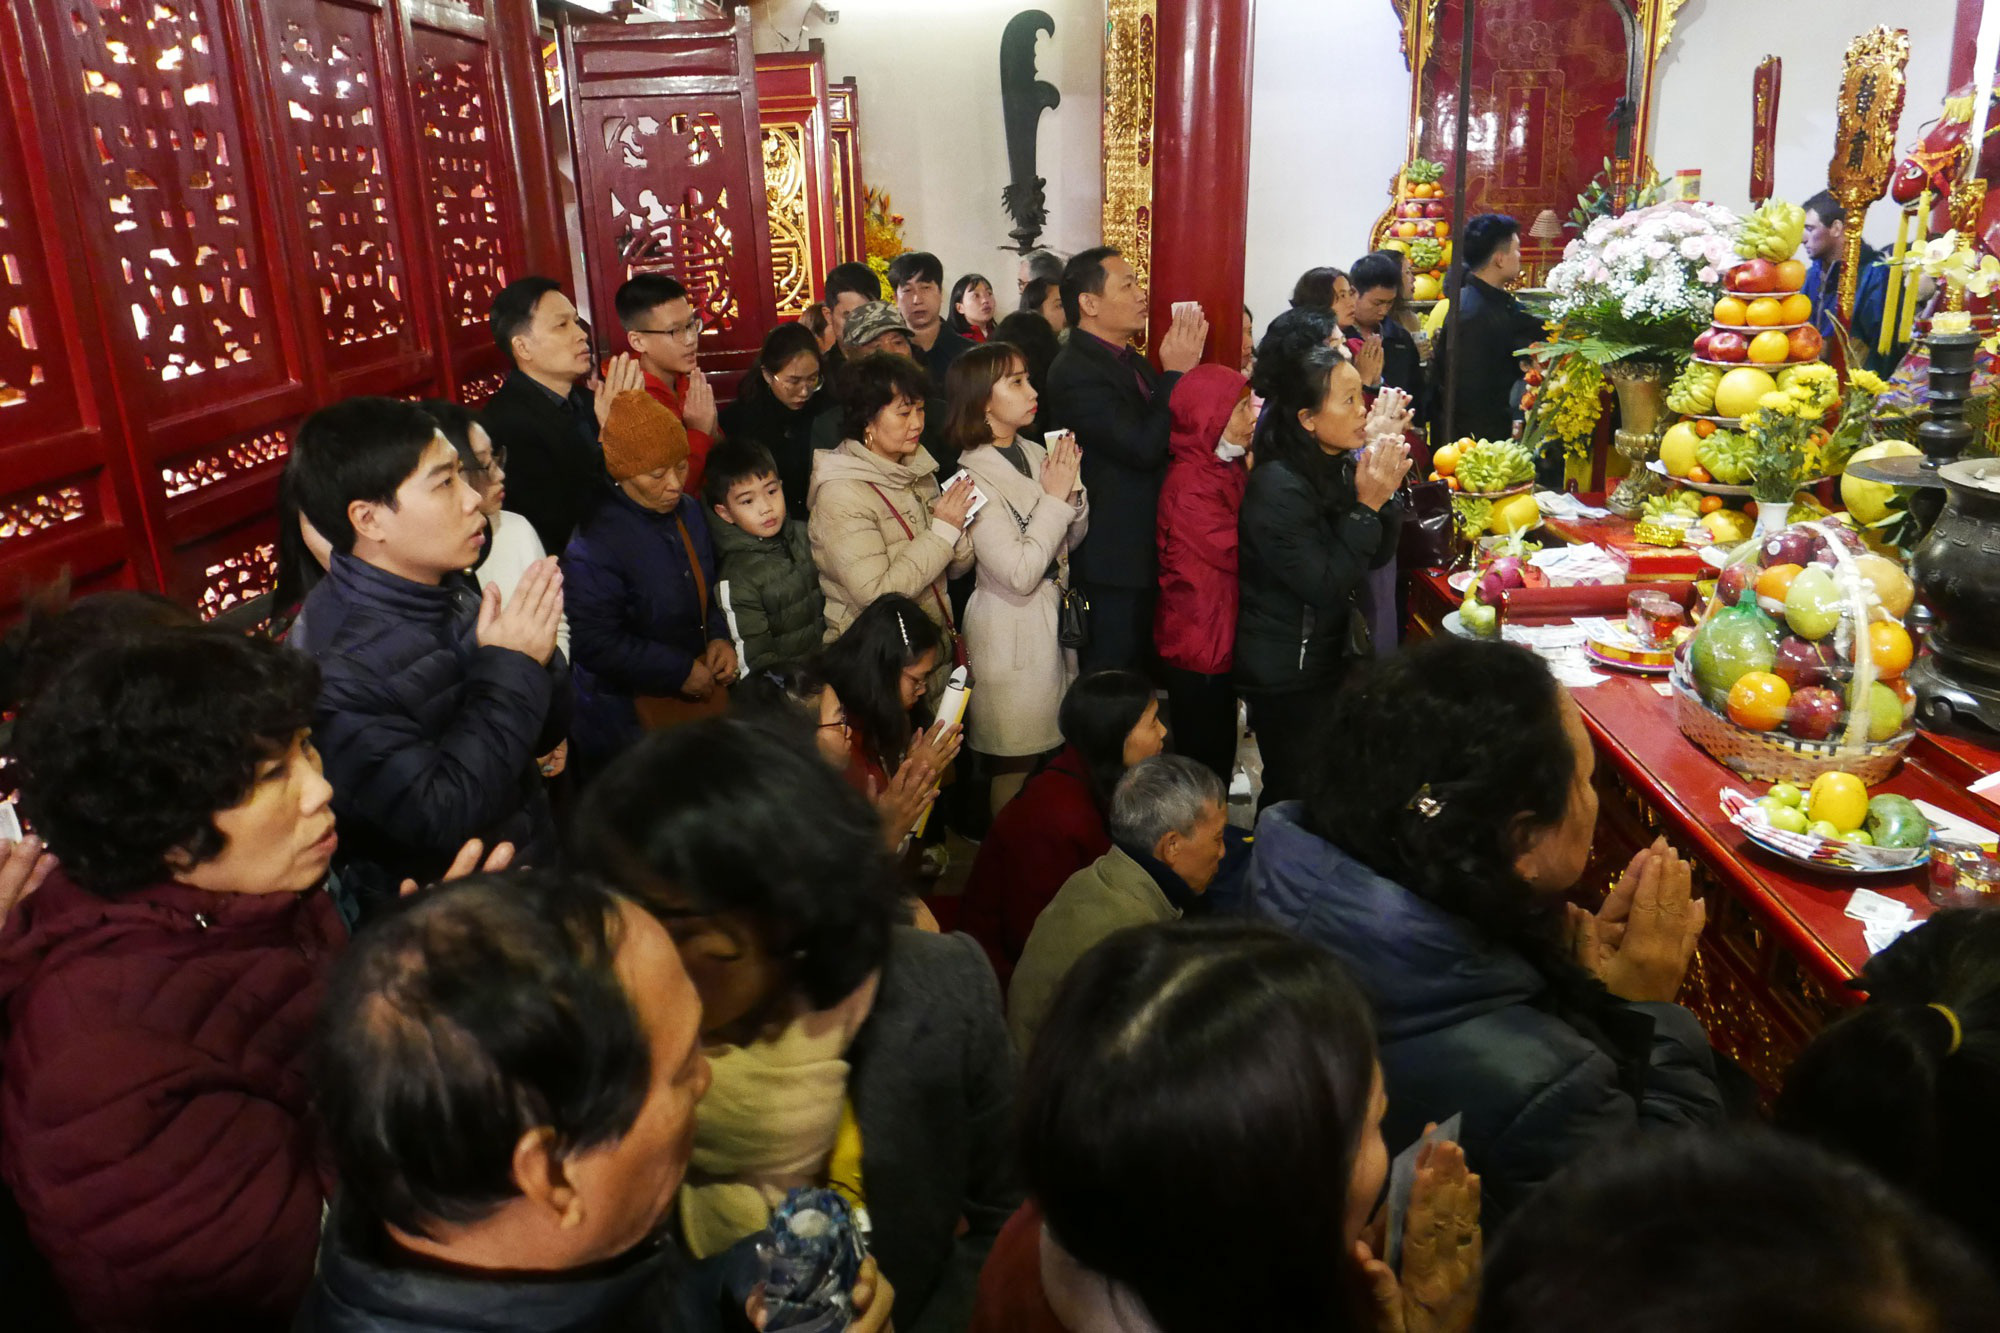 Cảnh lễ đền dưới mưa xuân tuyệt đẹp ở Hà Nội ngày mùng 1 Tết - Ảnh 8.